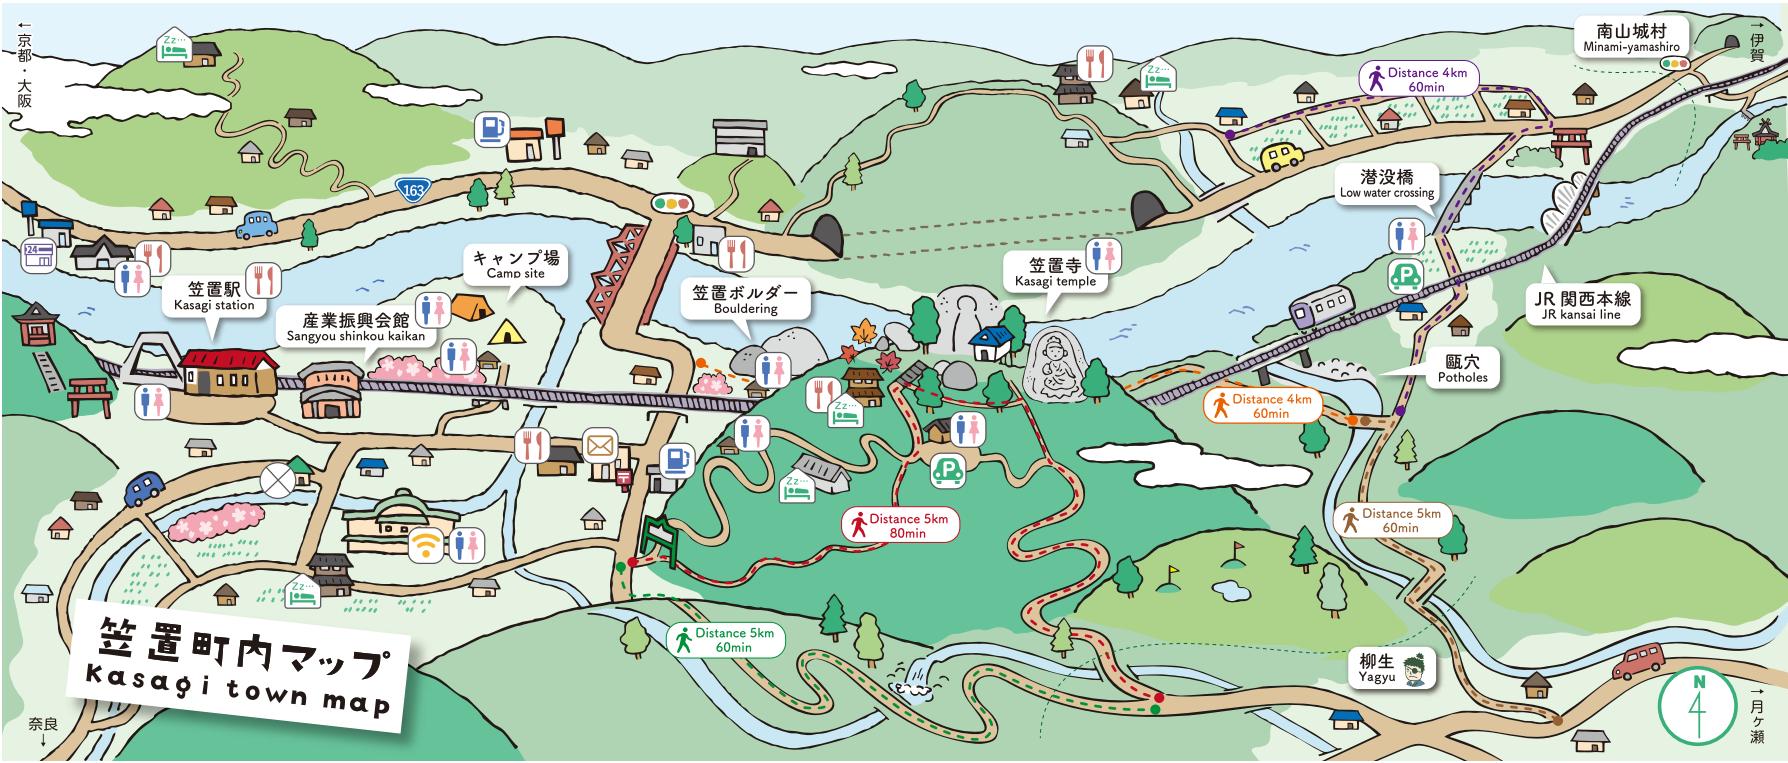 笠置町マップ